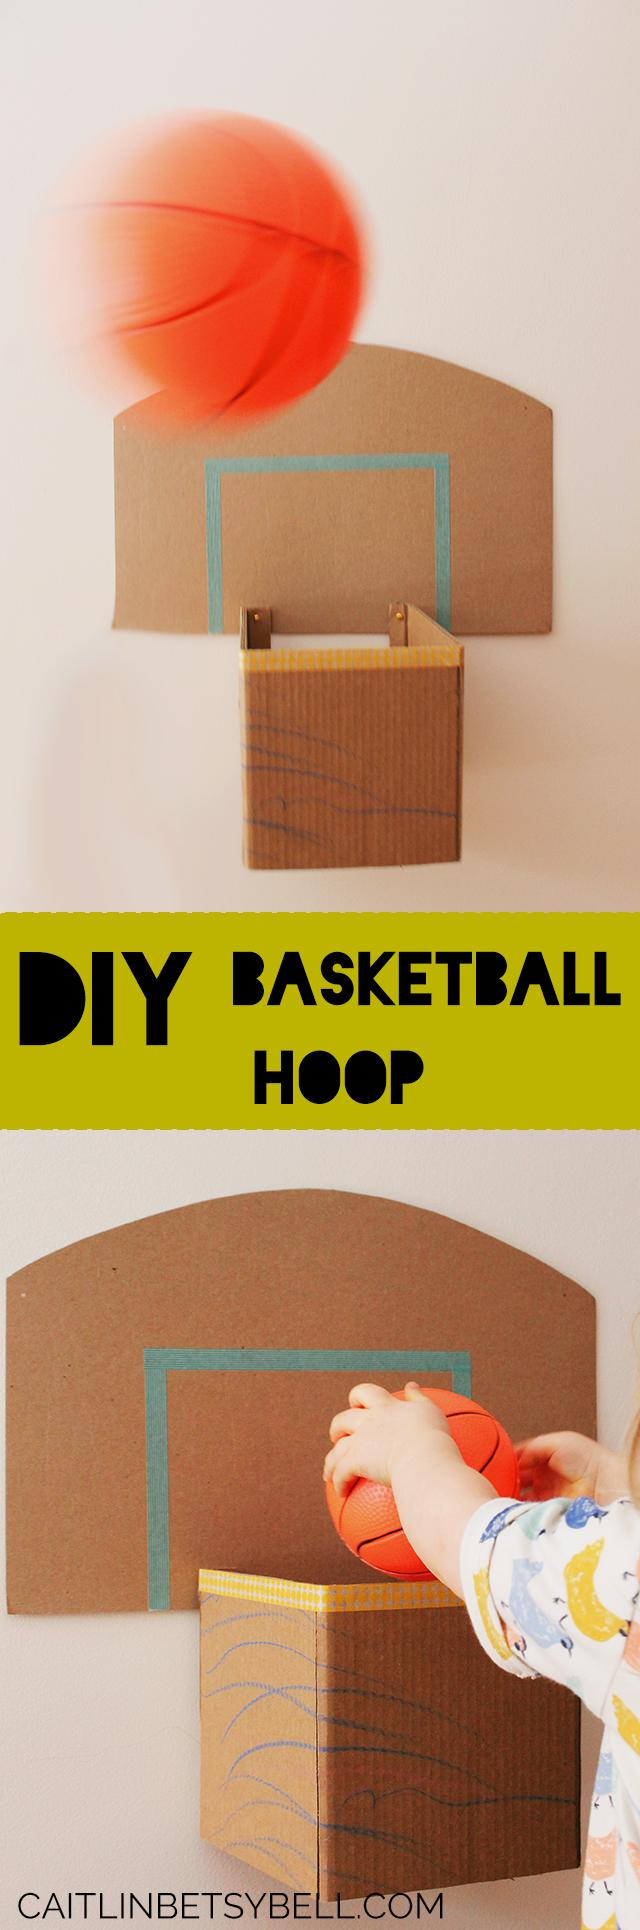 Caitlin Betsy Bell | DIY Basketball Hoop